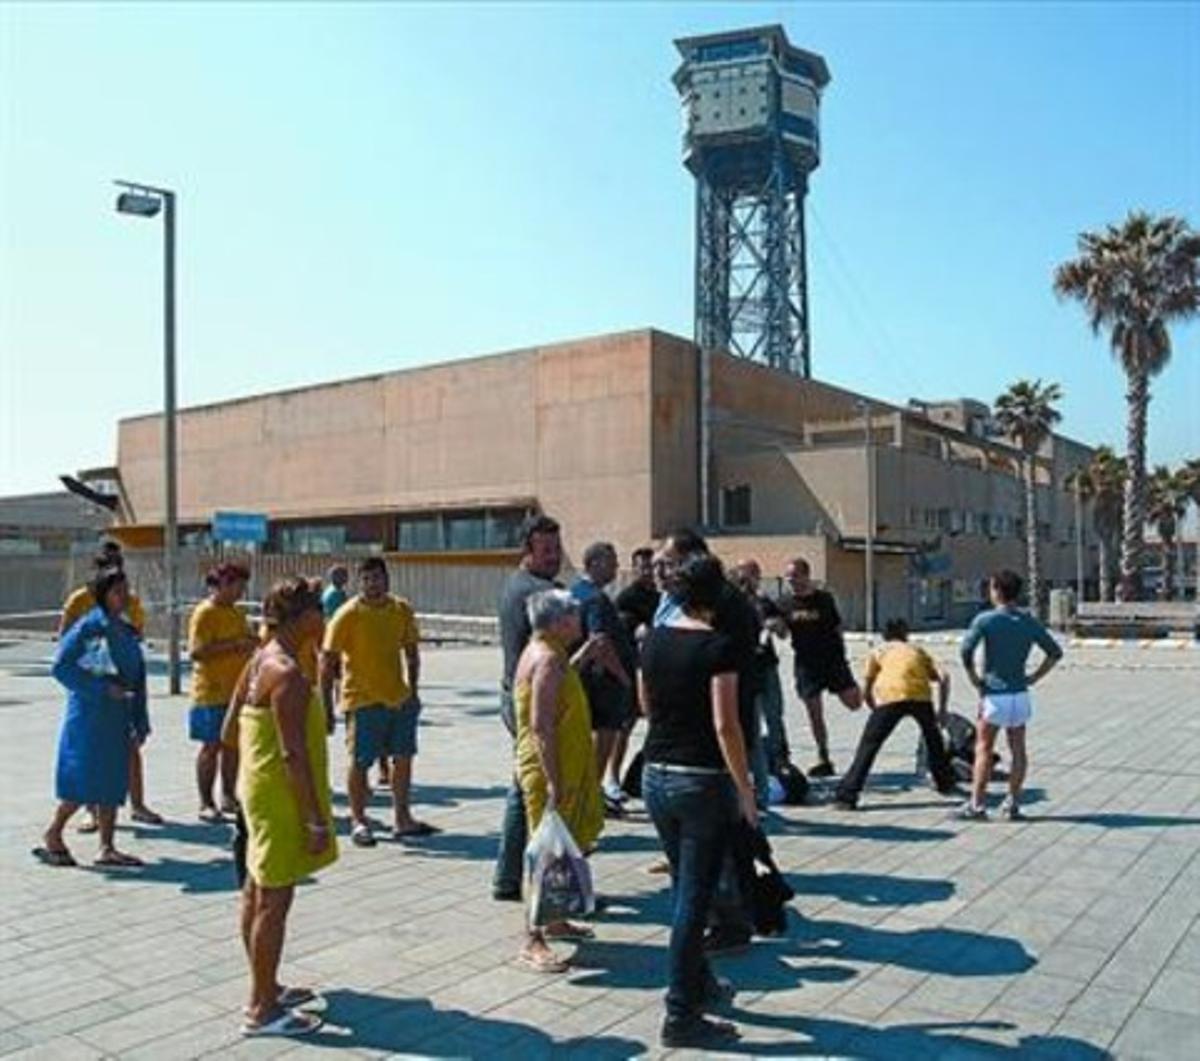 Socios y empleados del Club Natació Atlètic-Barceloneta, delante del edificio desalojado.